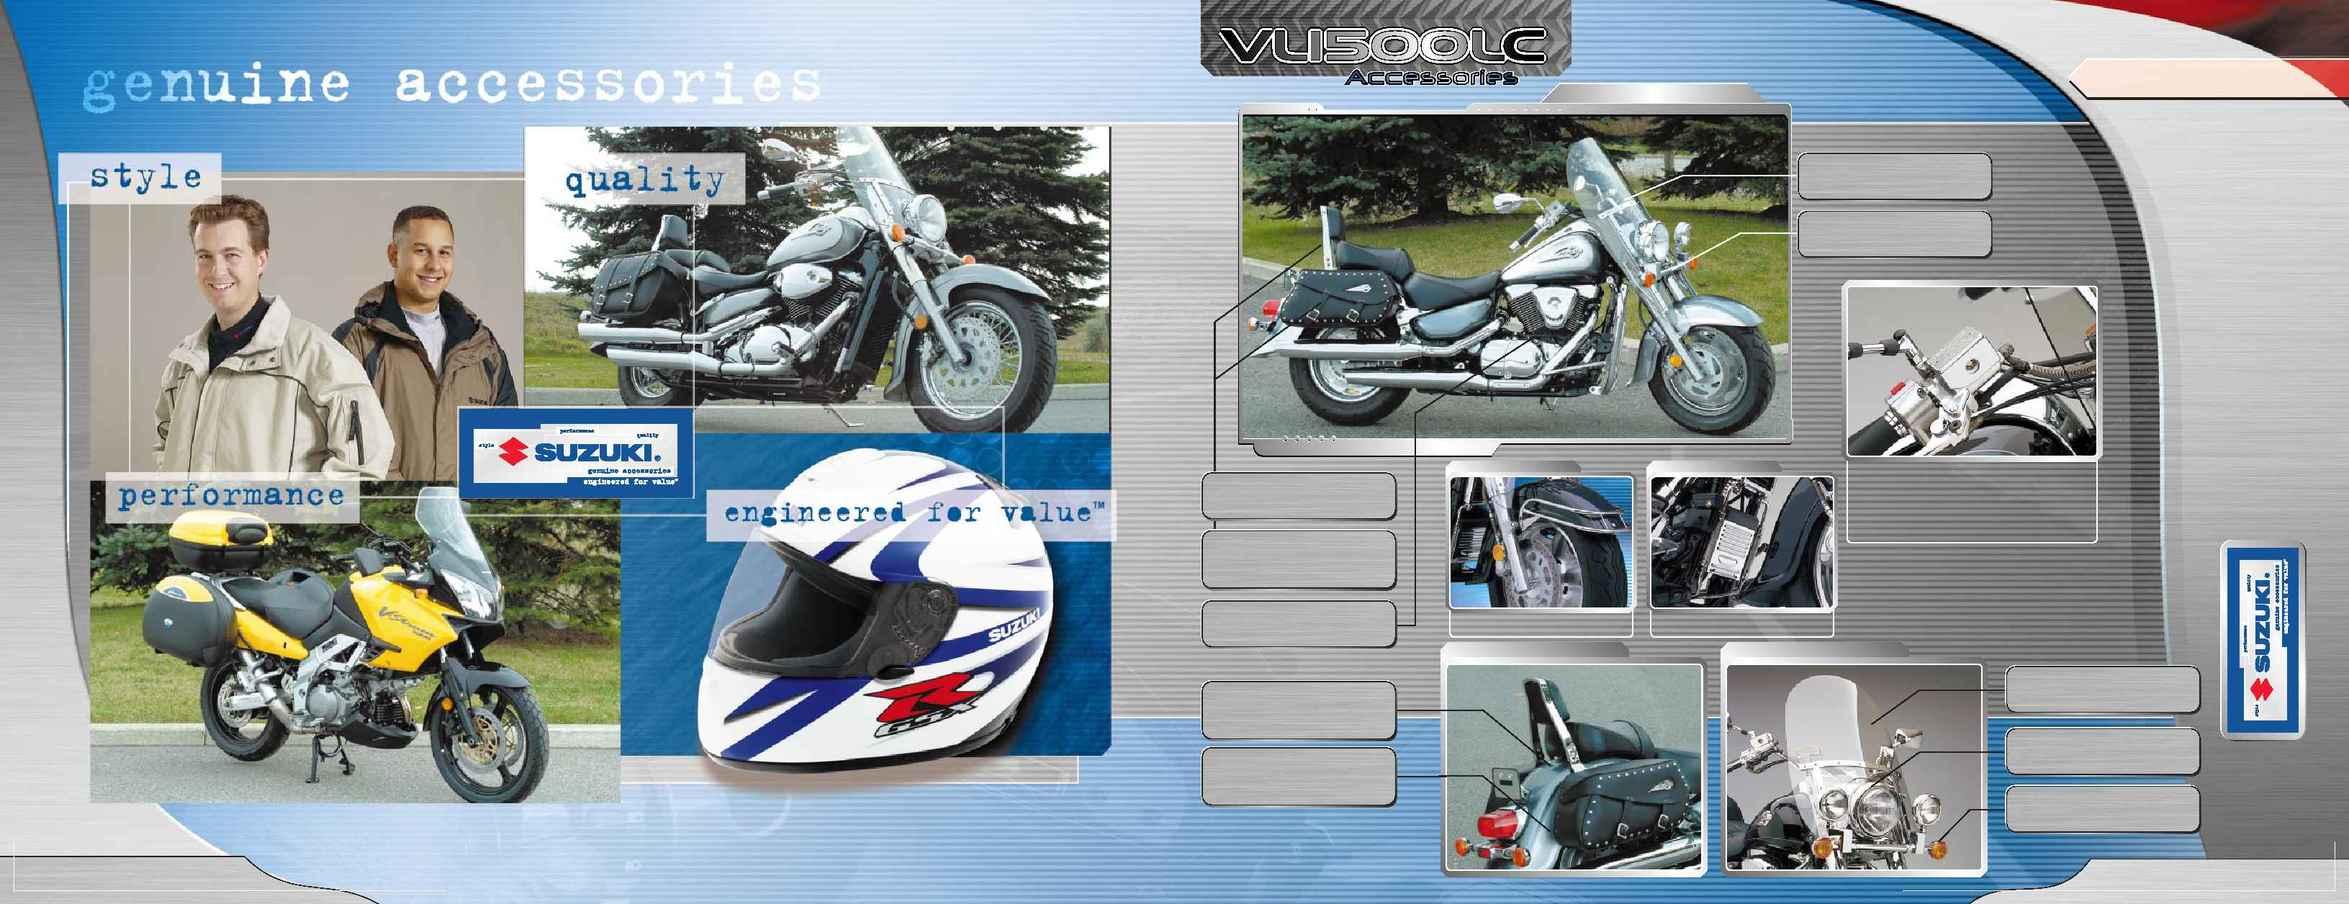 Suzuki - 2003 mc Access brochure E